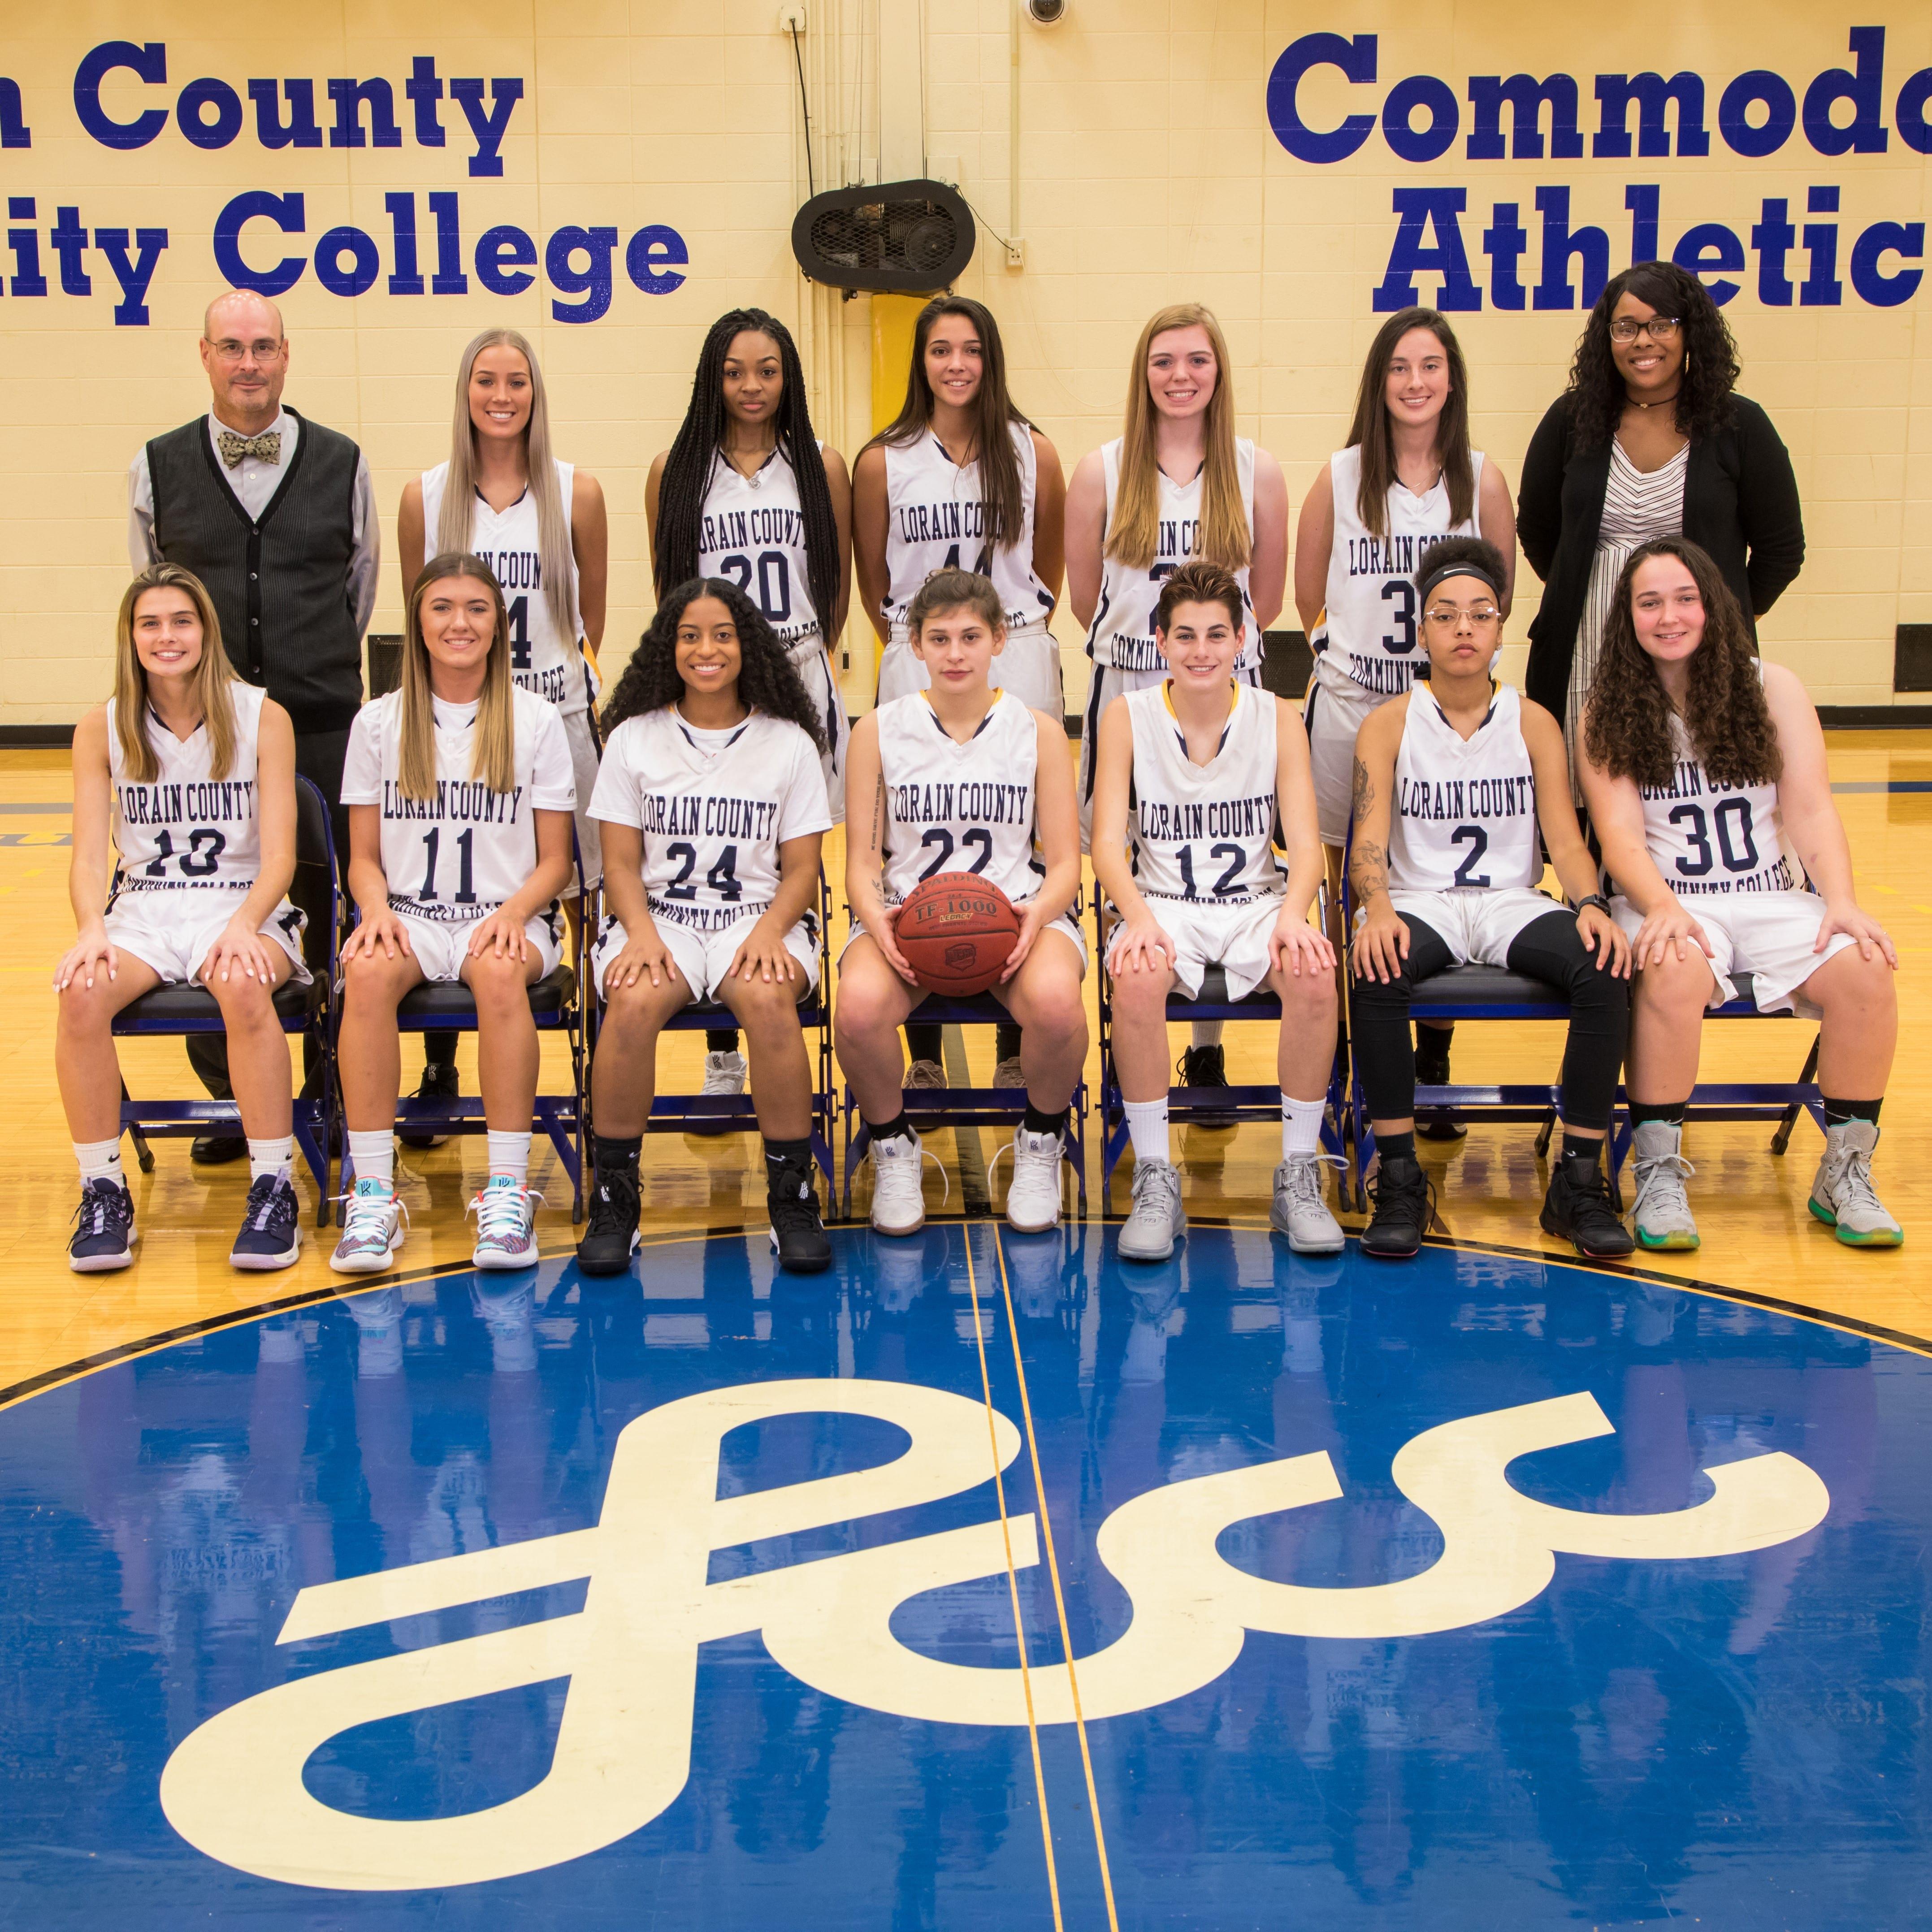 2019-20 Women's Basketball Team